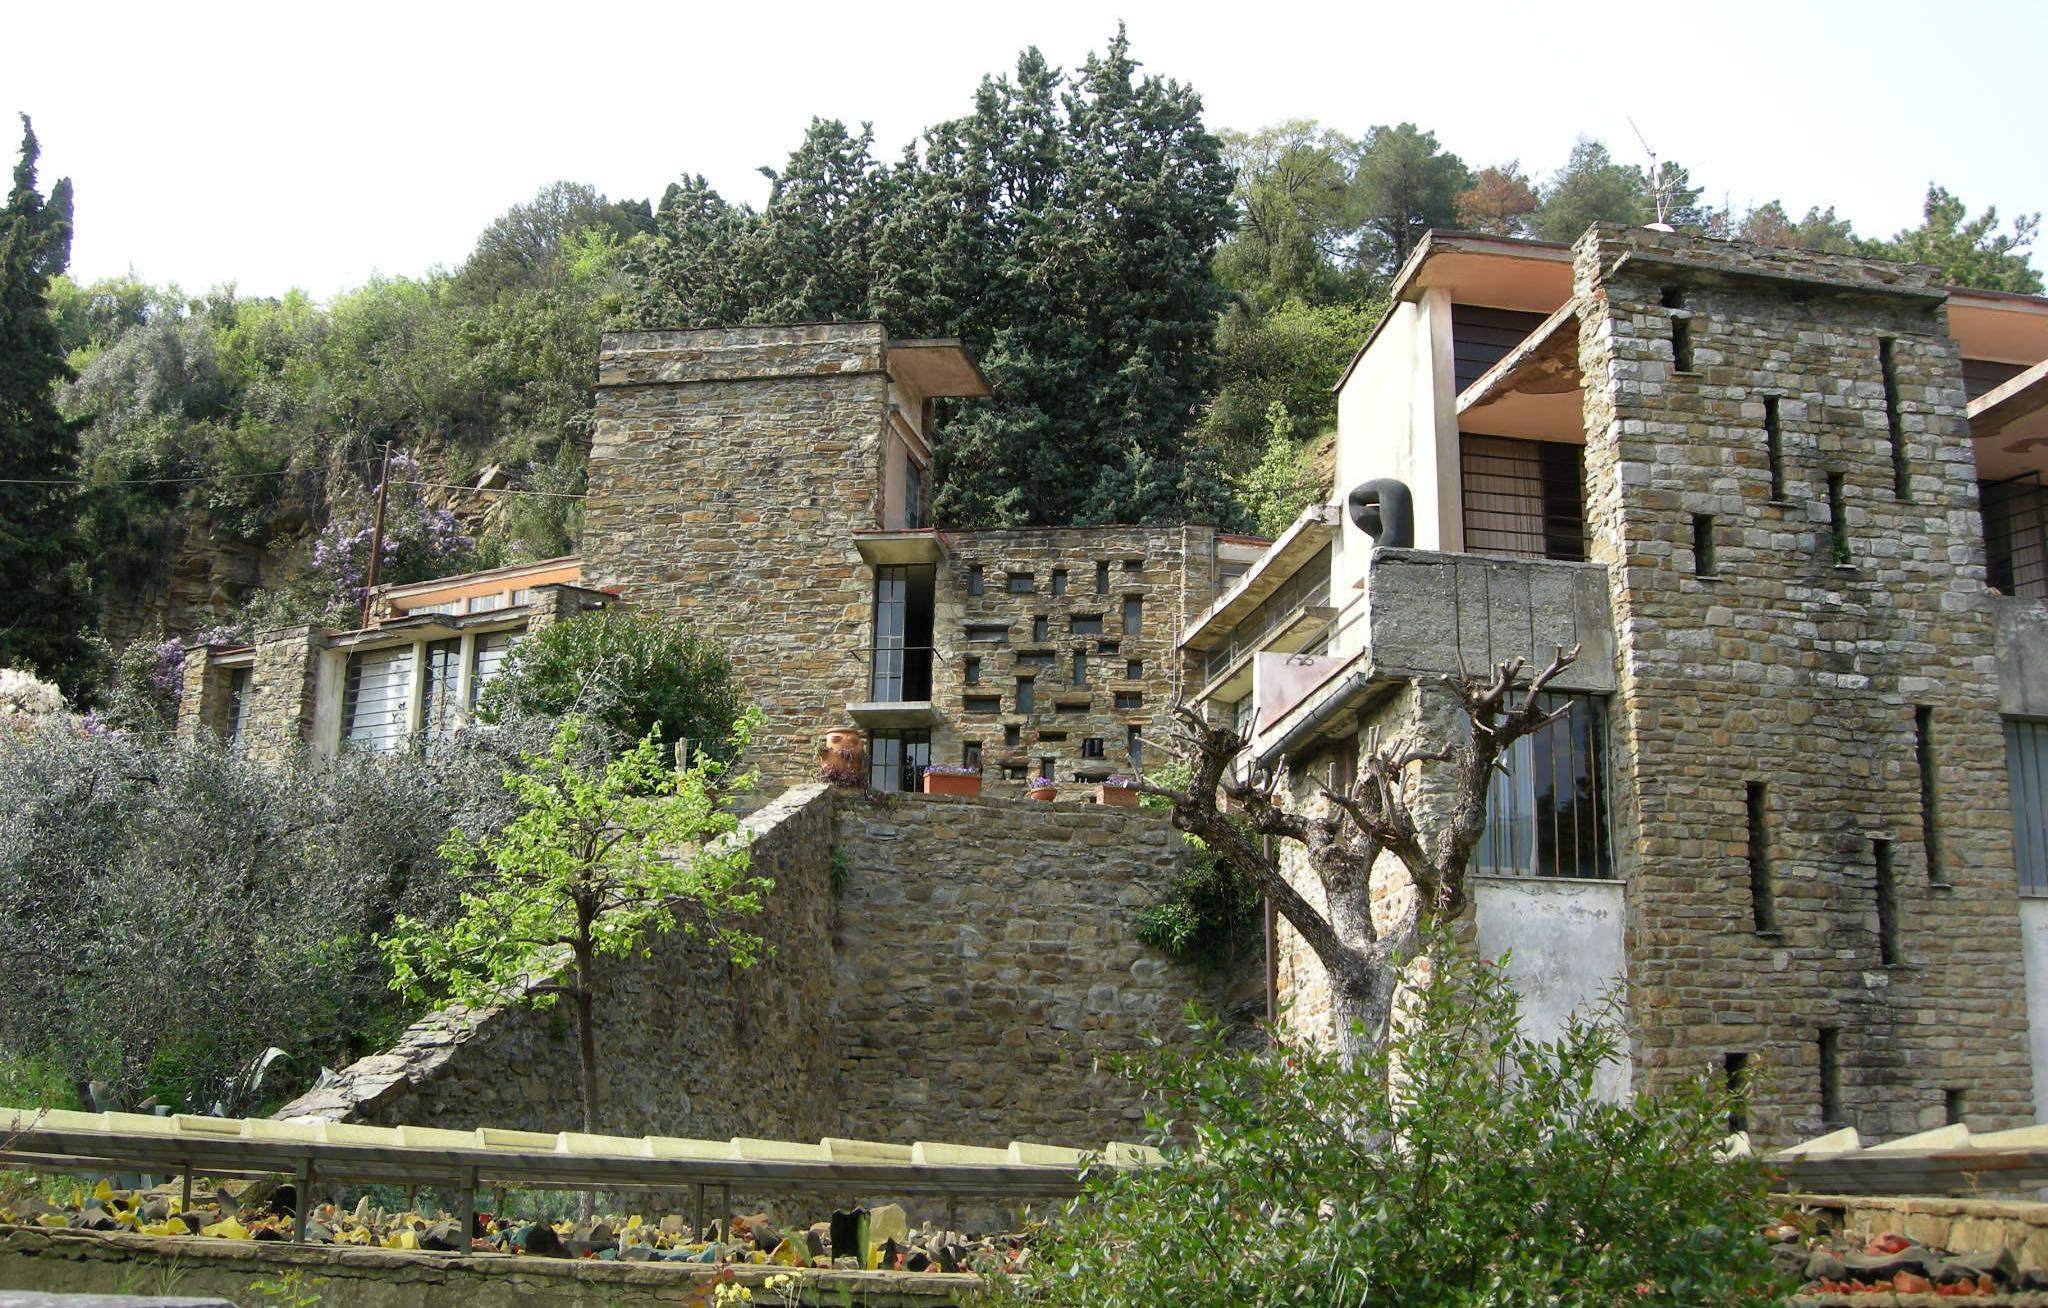 Casa-studio di Leonardo Ricci - Wikipedia